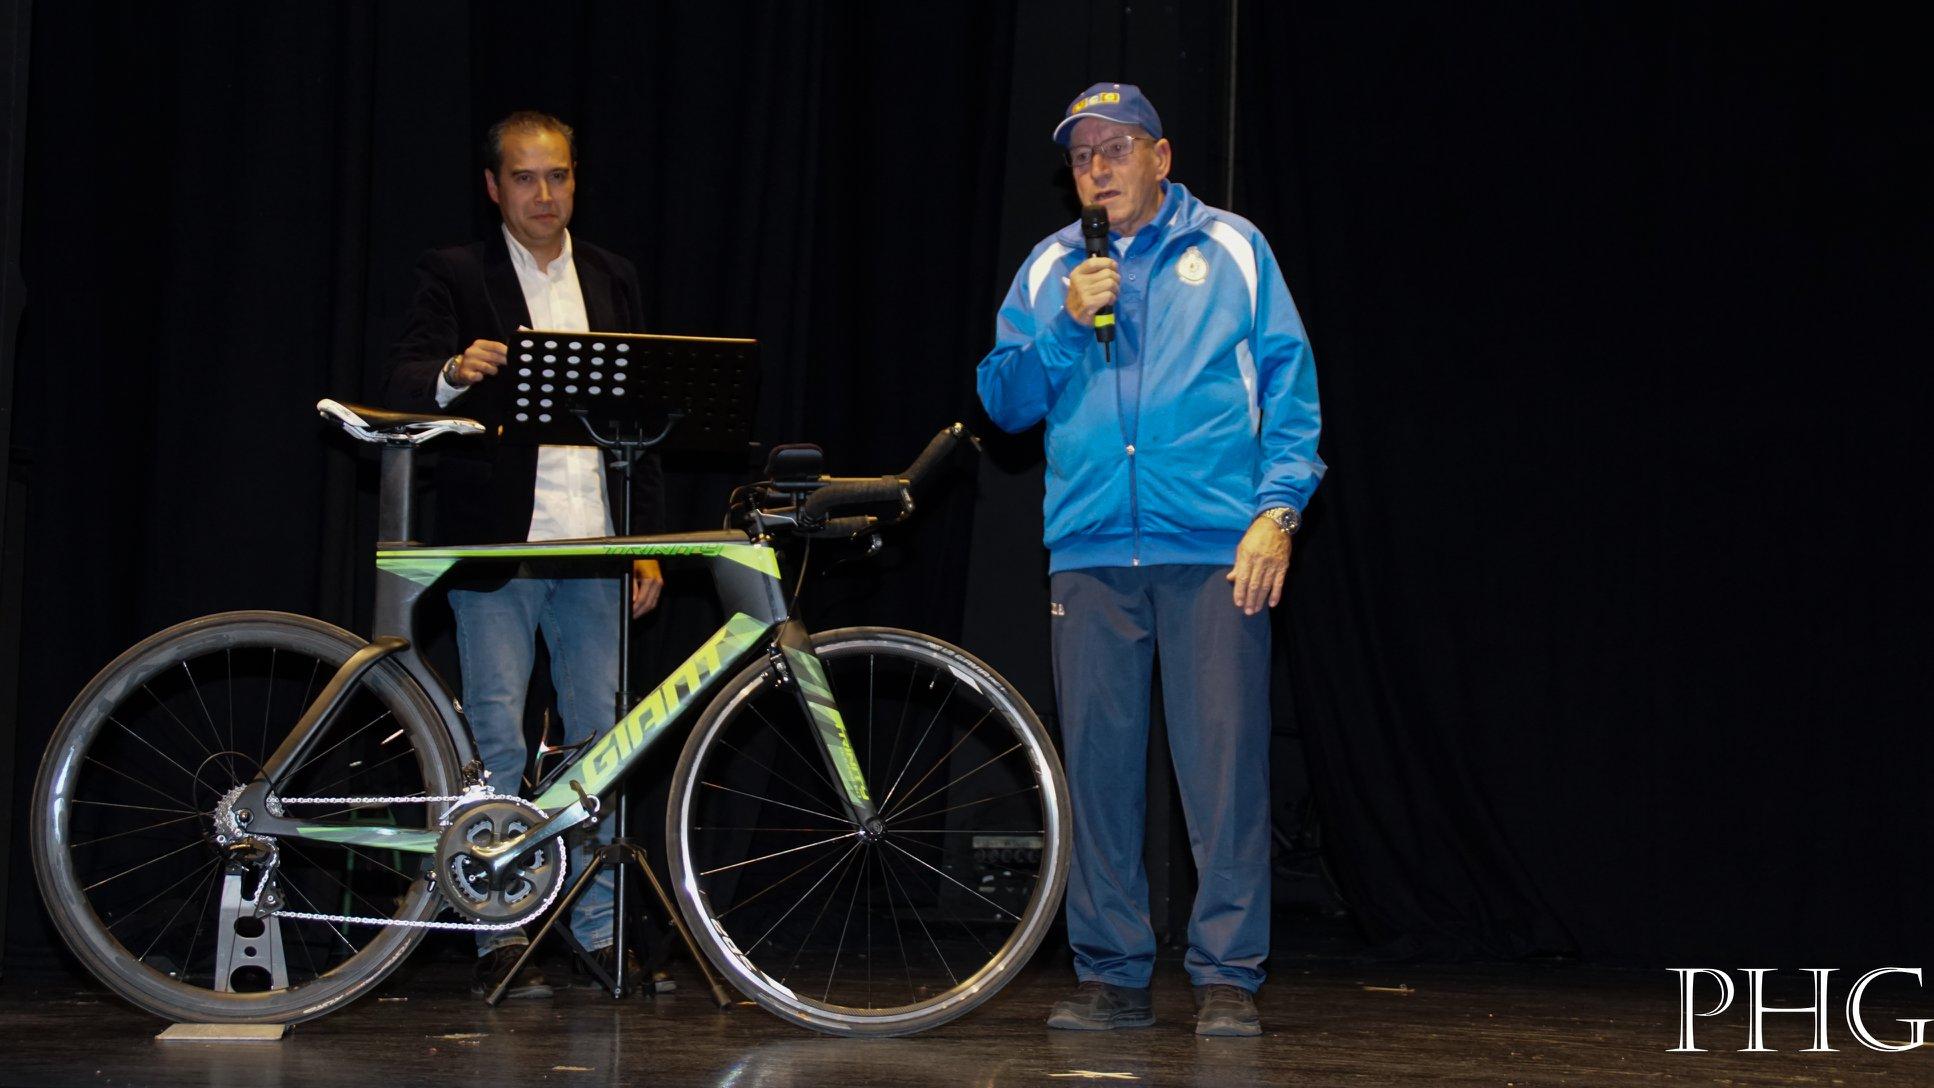 CLUBES MADRILEÑOS CON SOLERA. Conoce a la Unión Ciclista Coslada